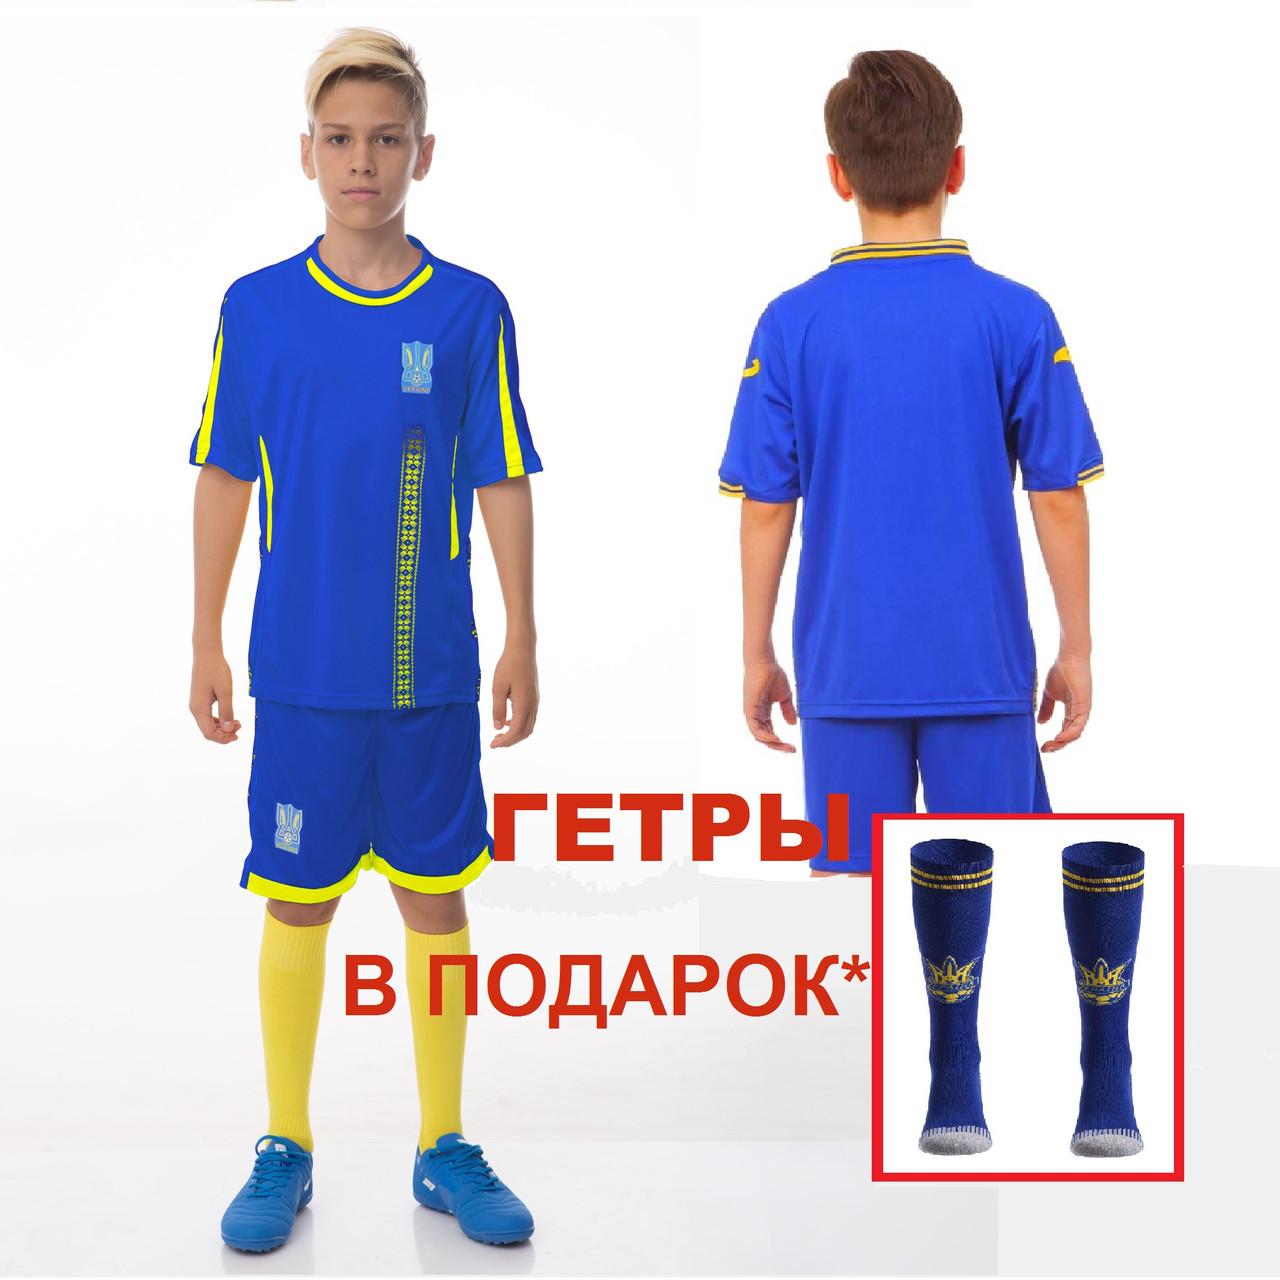 Комплект детской футбольной формы сборной Украины + гетры в подарок